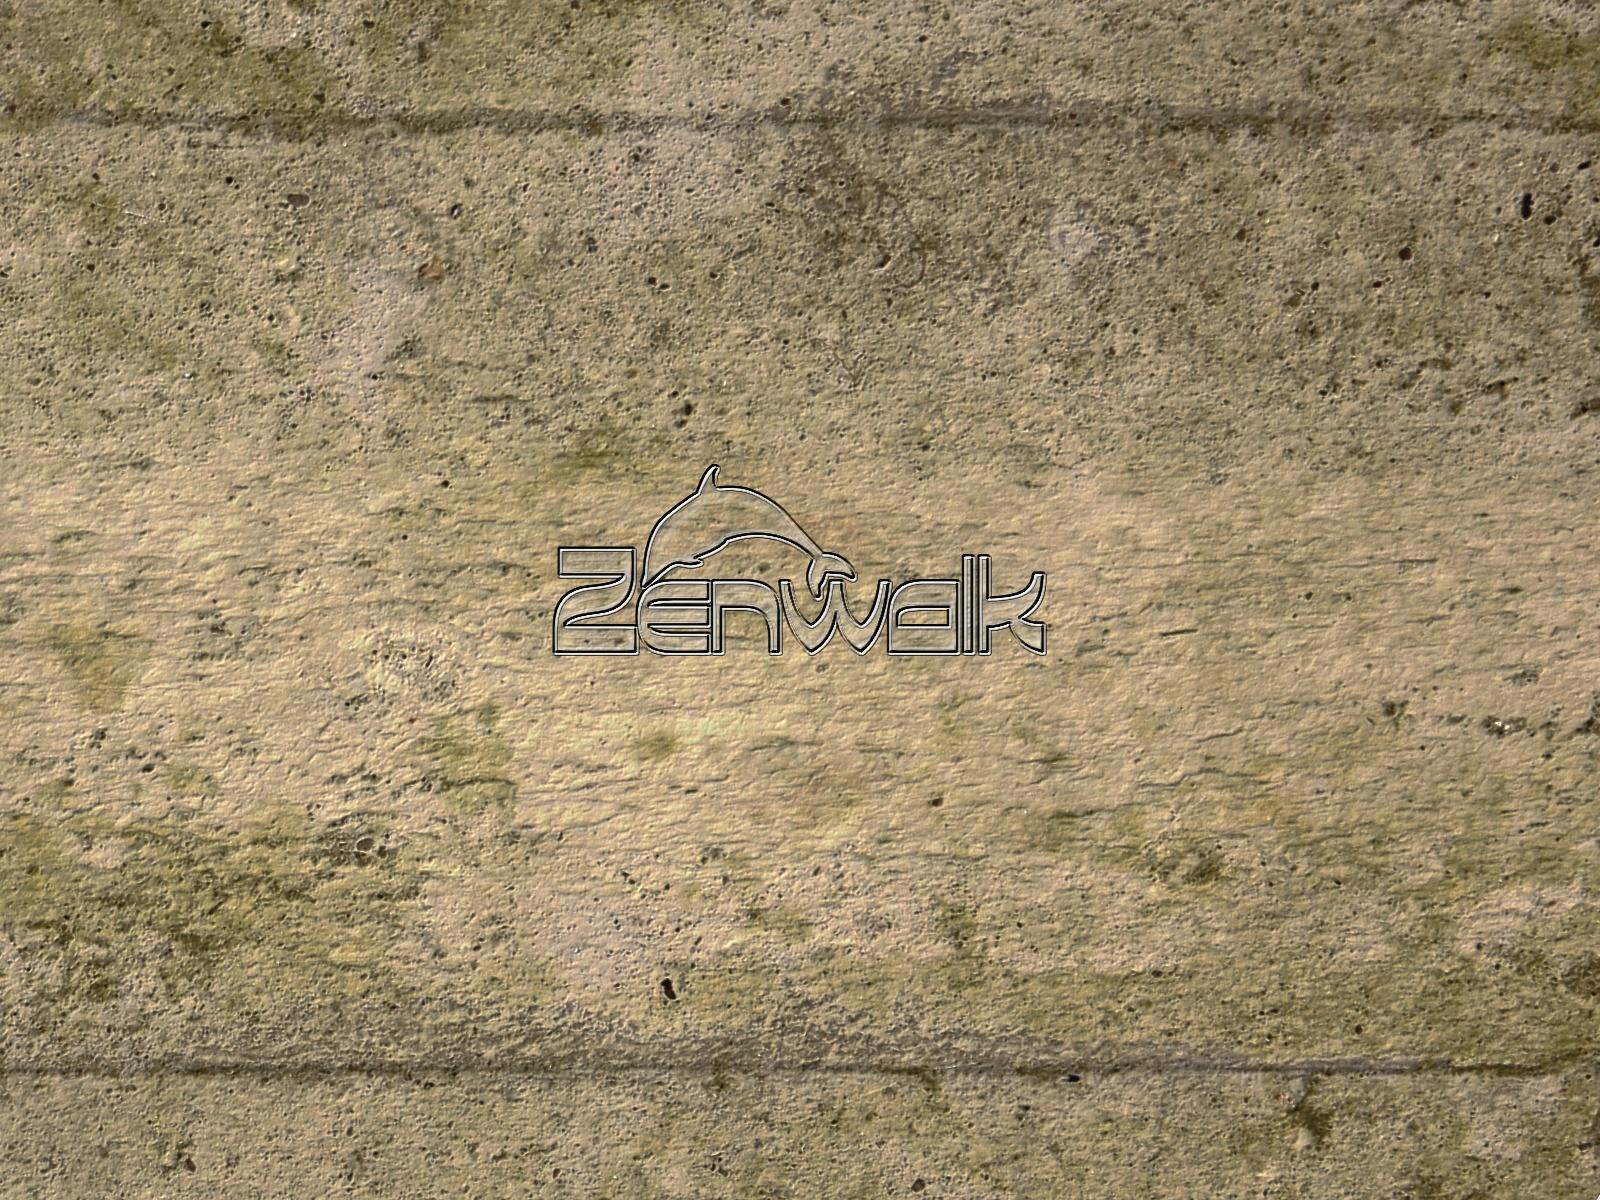 Zenwalk Carved by Zwopper